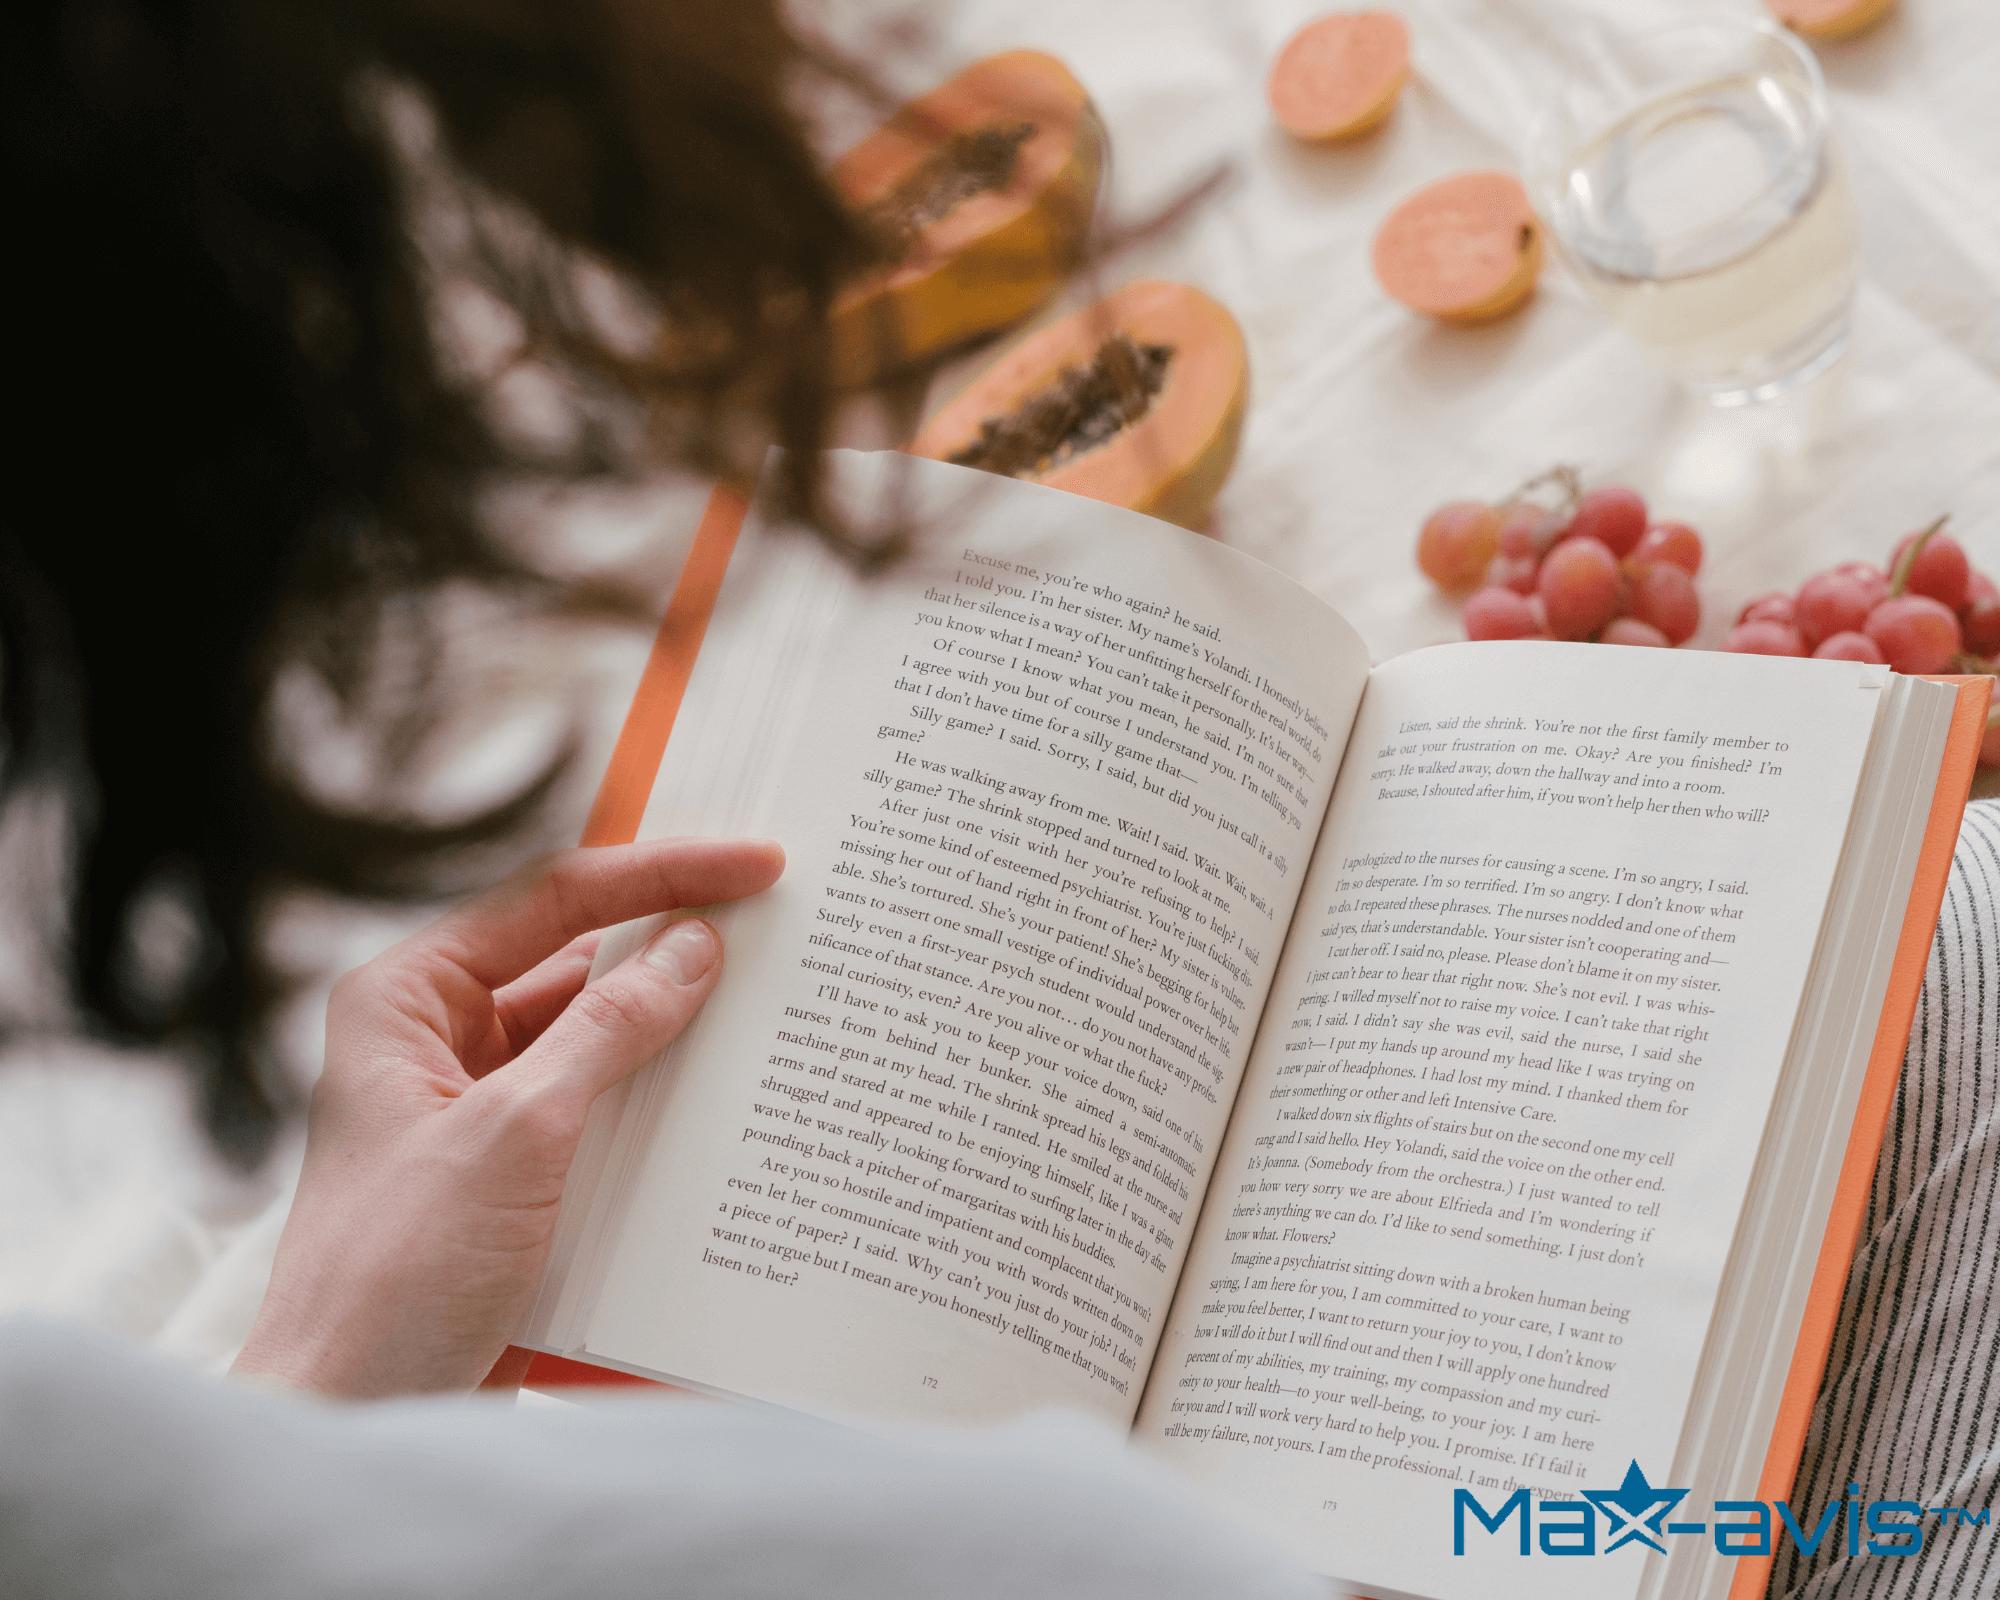 Comment gagner de l'argent en lisant des livres? Avec Max-Avis